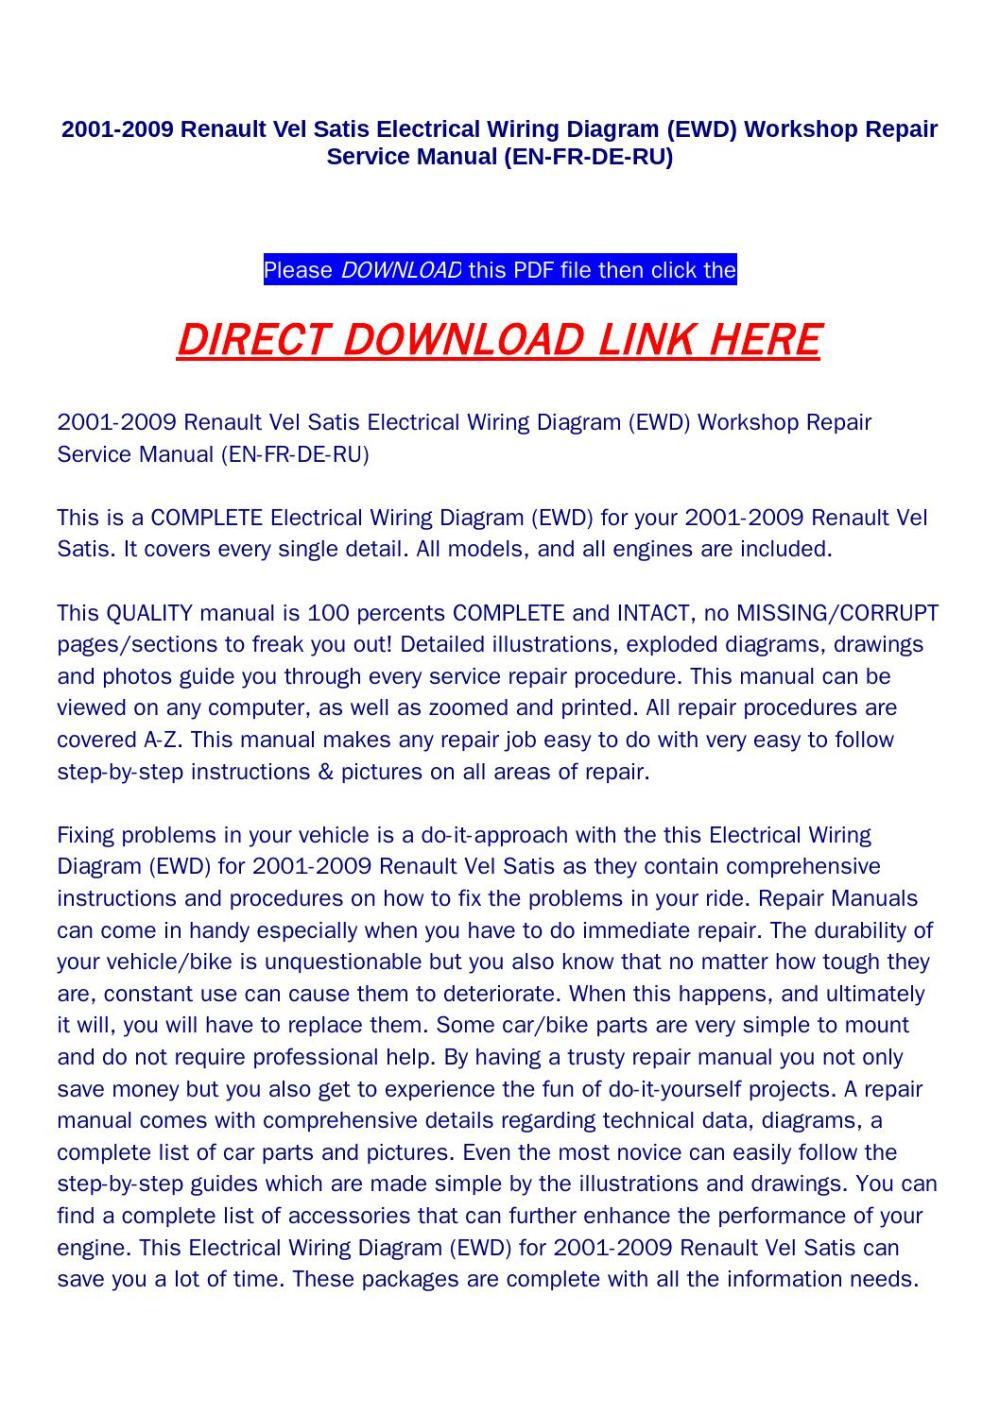 medium resolution of 2001 2009 renault vel satis electrical wiring diagram ewd workshop repair service manual en fr de by huou issuu